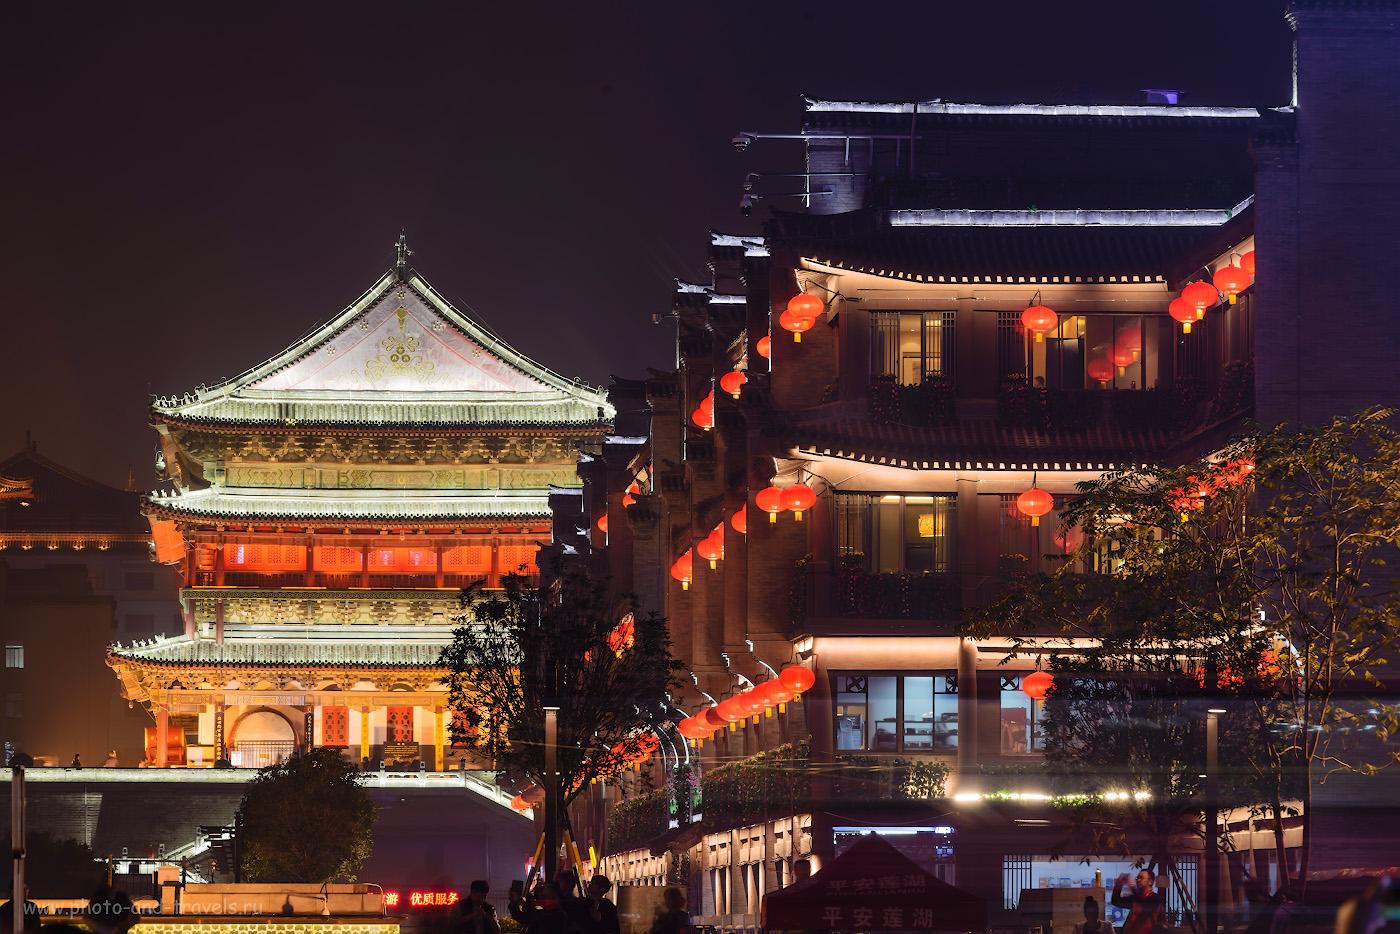 Фотография 18. Ночью здание торгового центра Century Ginwa Shopping Mall (世纪金花购物中心) выглядит почти, как Колокольная башня. Отзыв о поездке в Сиань в Китае. Фотоаппарат Nikon D610 + телевик Nikon 70-200mm f/2.8G. Снято со штатива Sirui T-2204X. Параметры: 2.5, +0.33, 10.0, 100, 190.